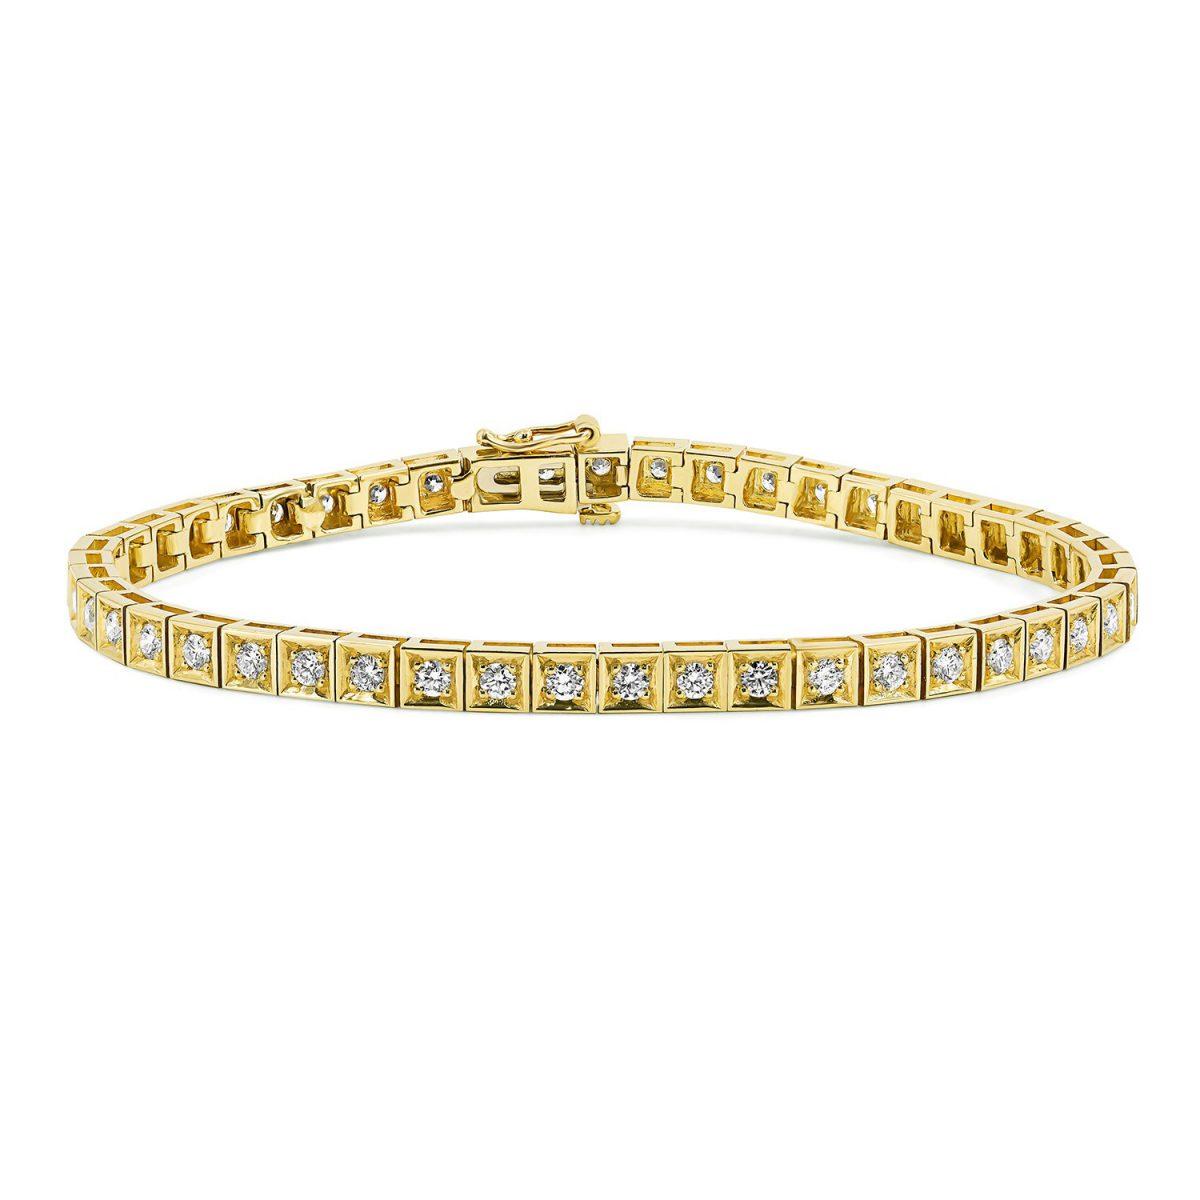 צמיד טניס יהלומים - אמה - זהב צהוב